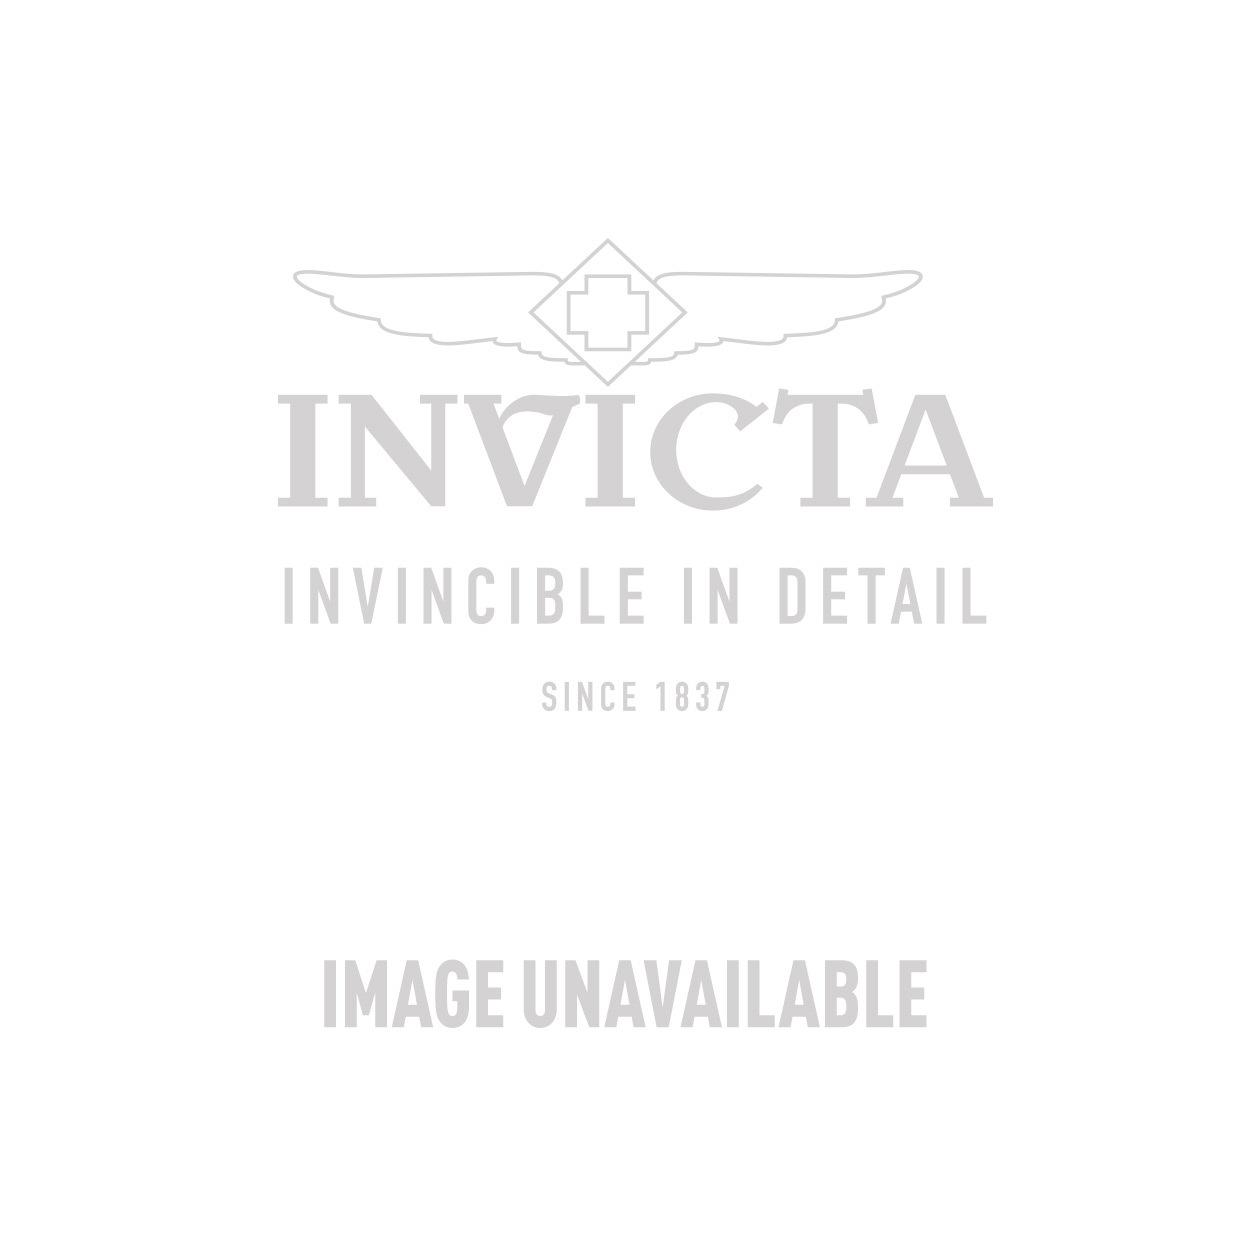 Invicta Model 25561